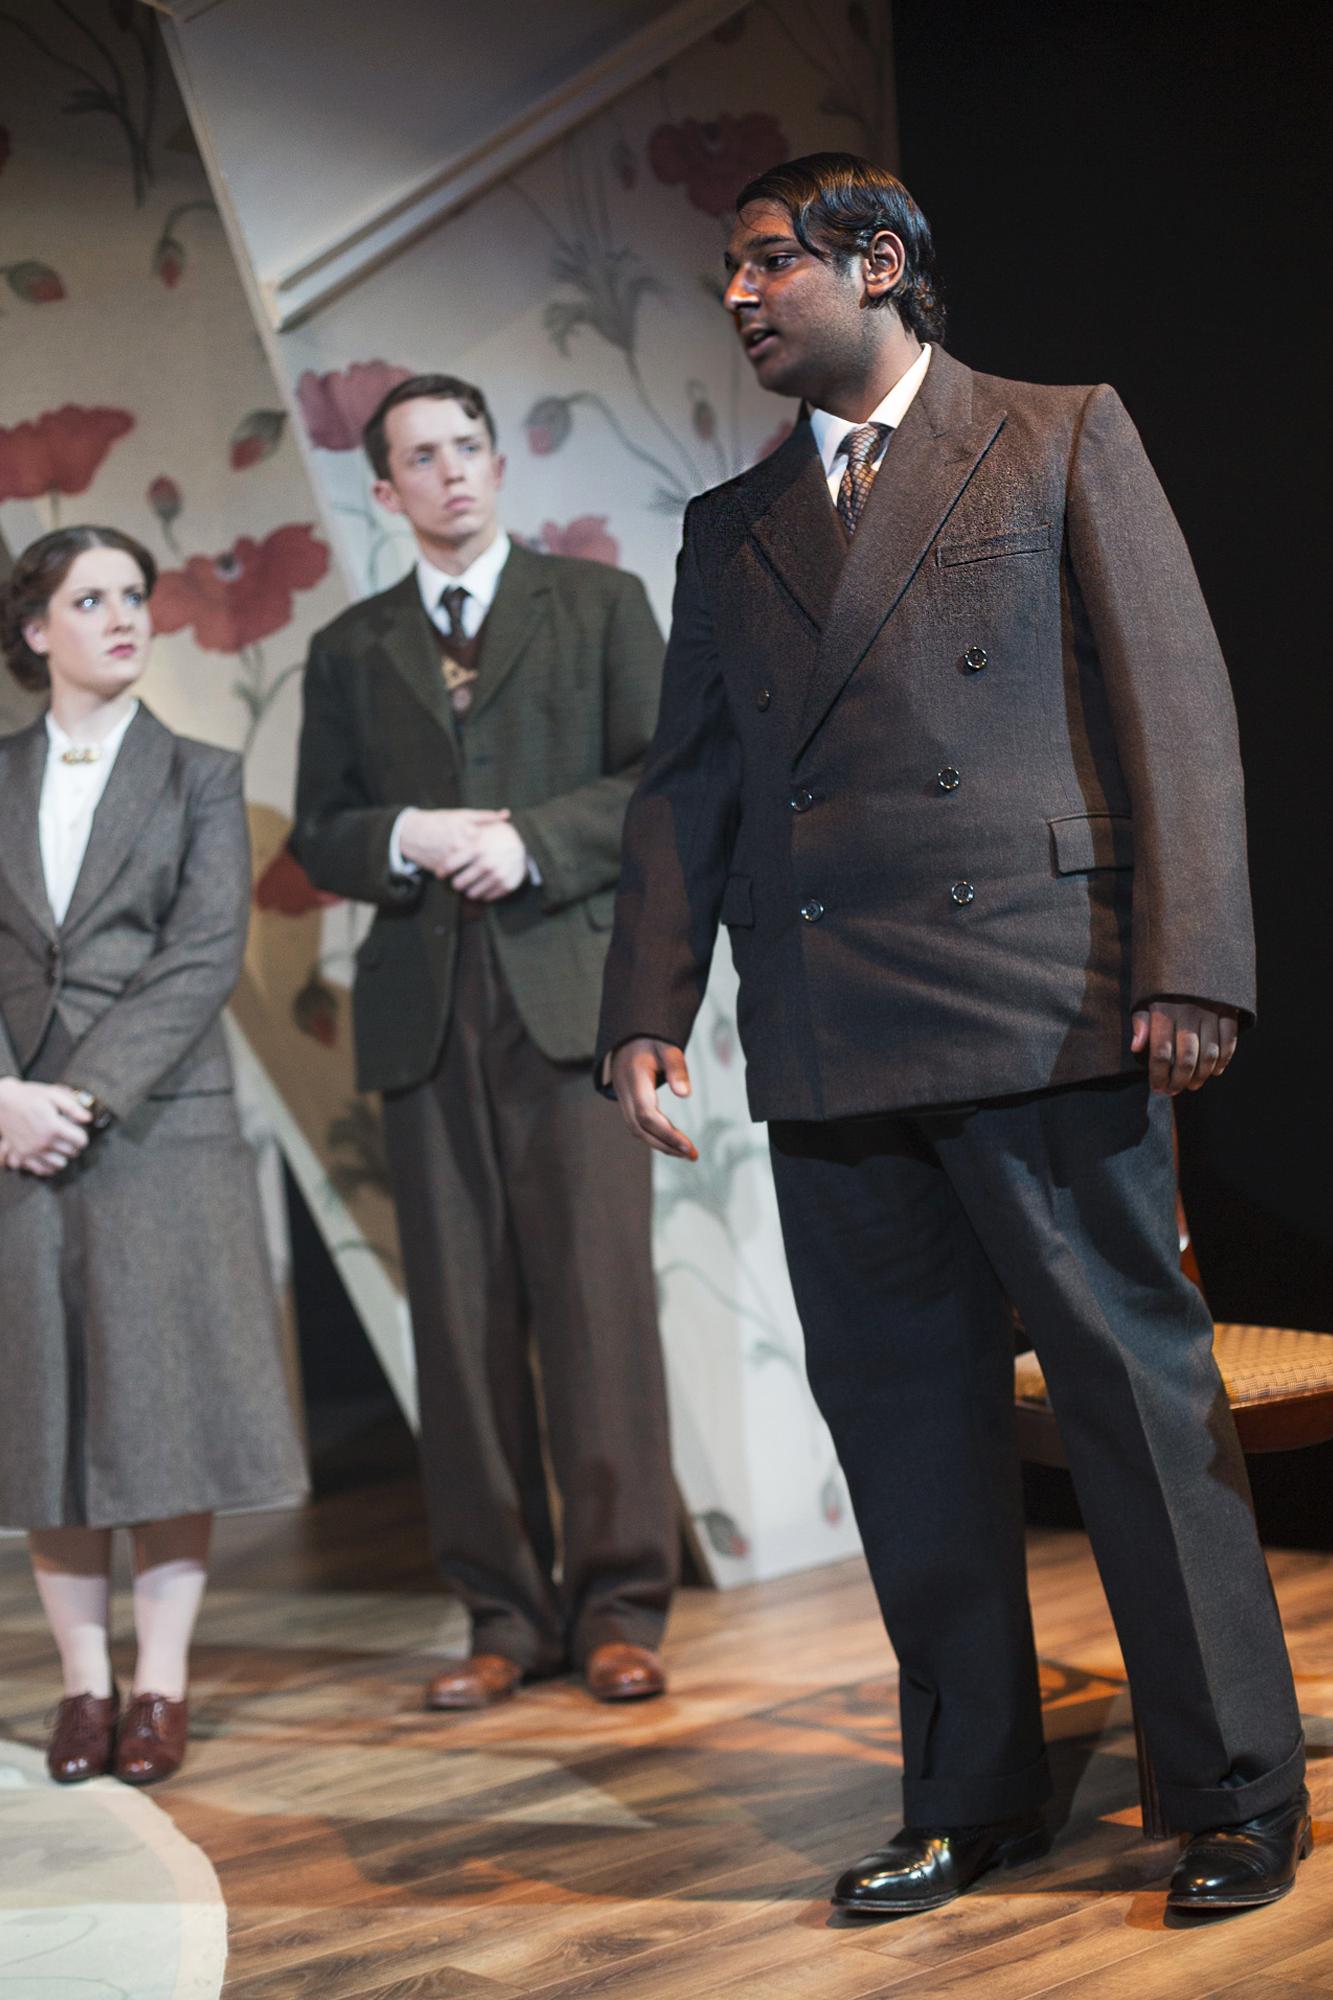 Act 2: Madge, Alan and Gerald